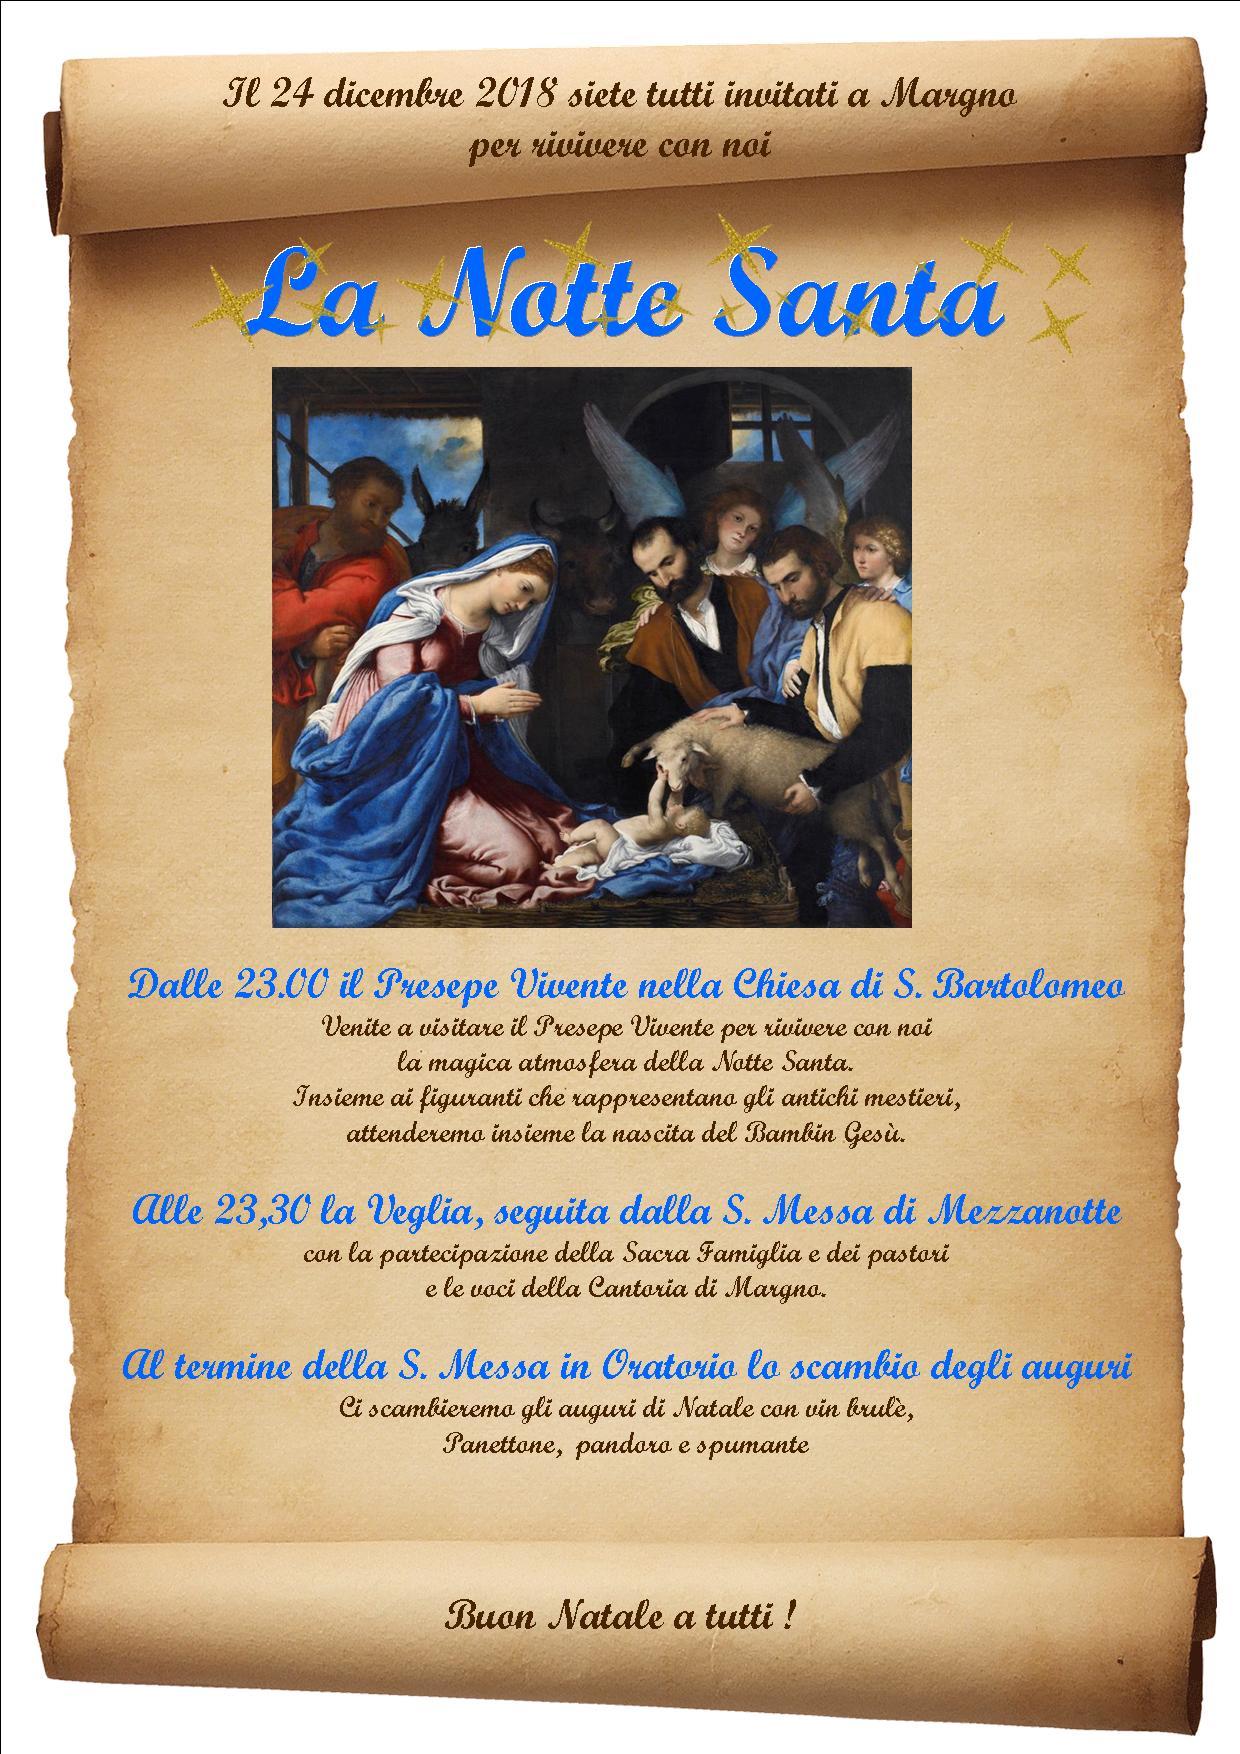 La Notte Santa a Margno